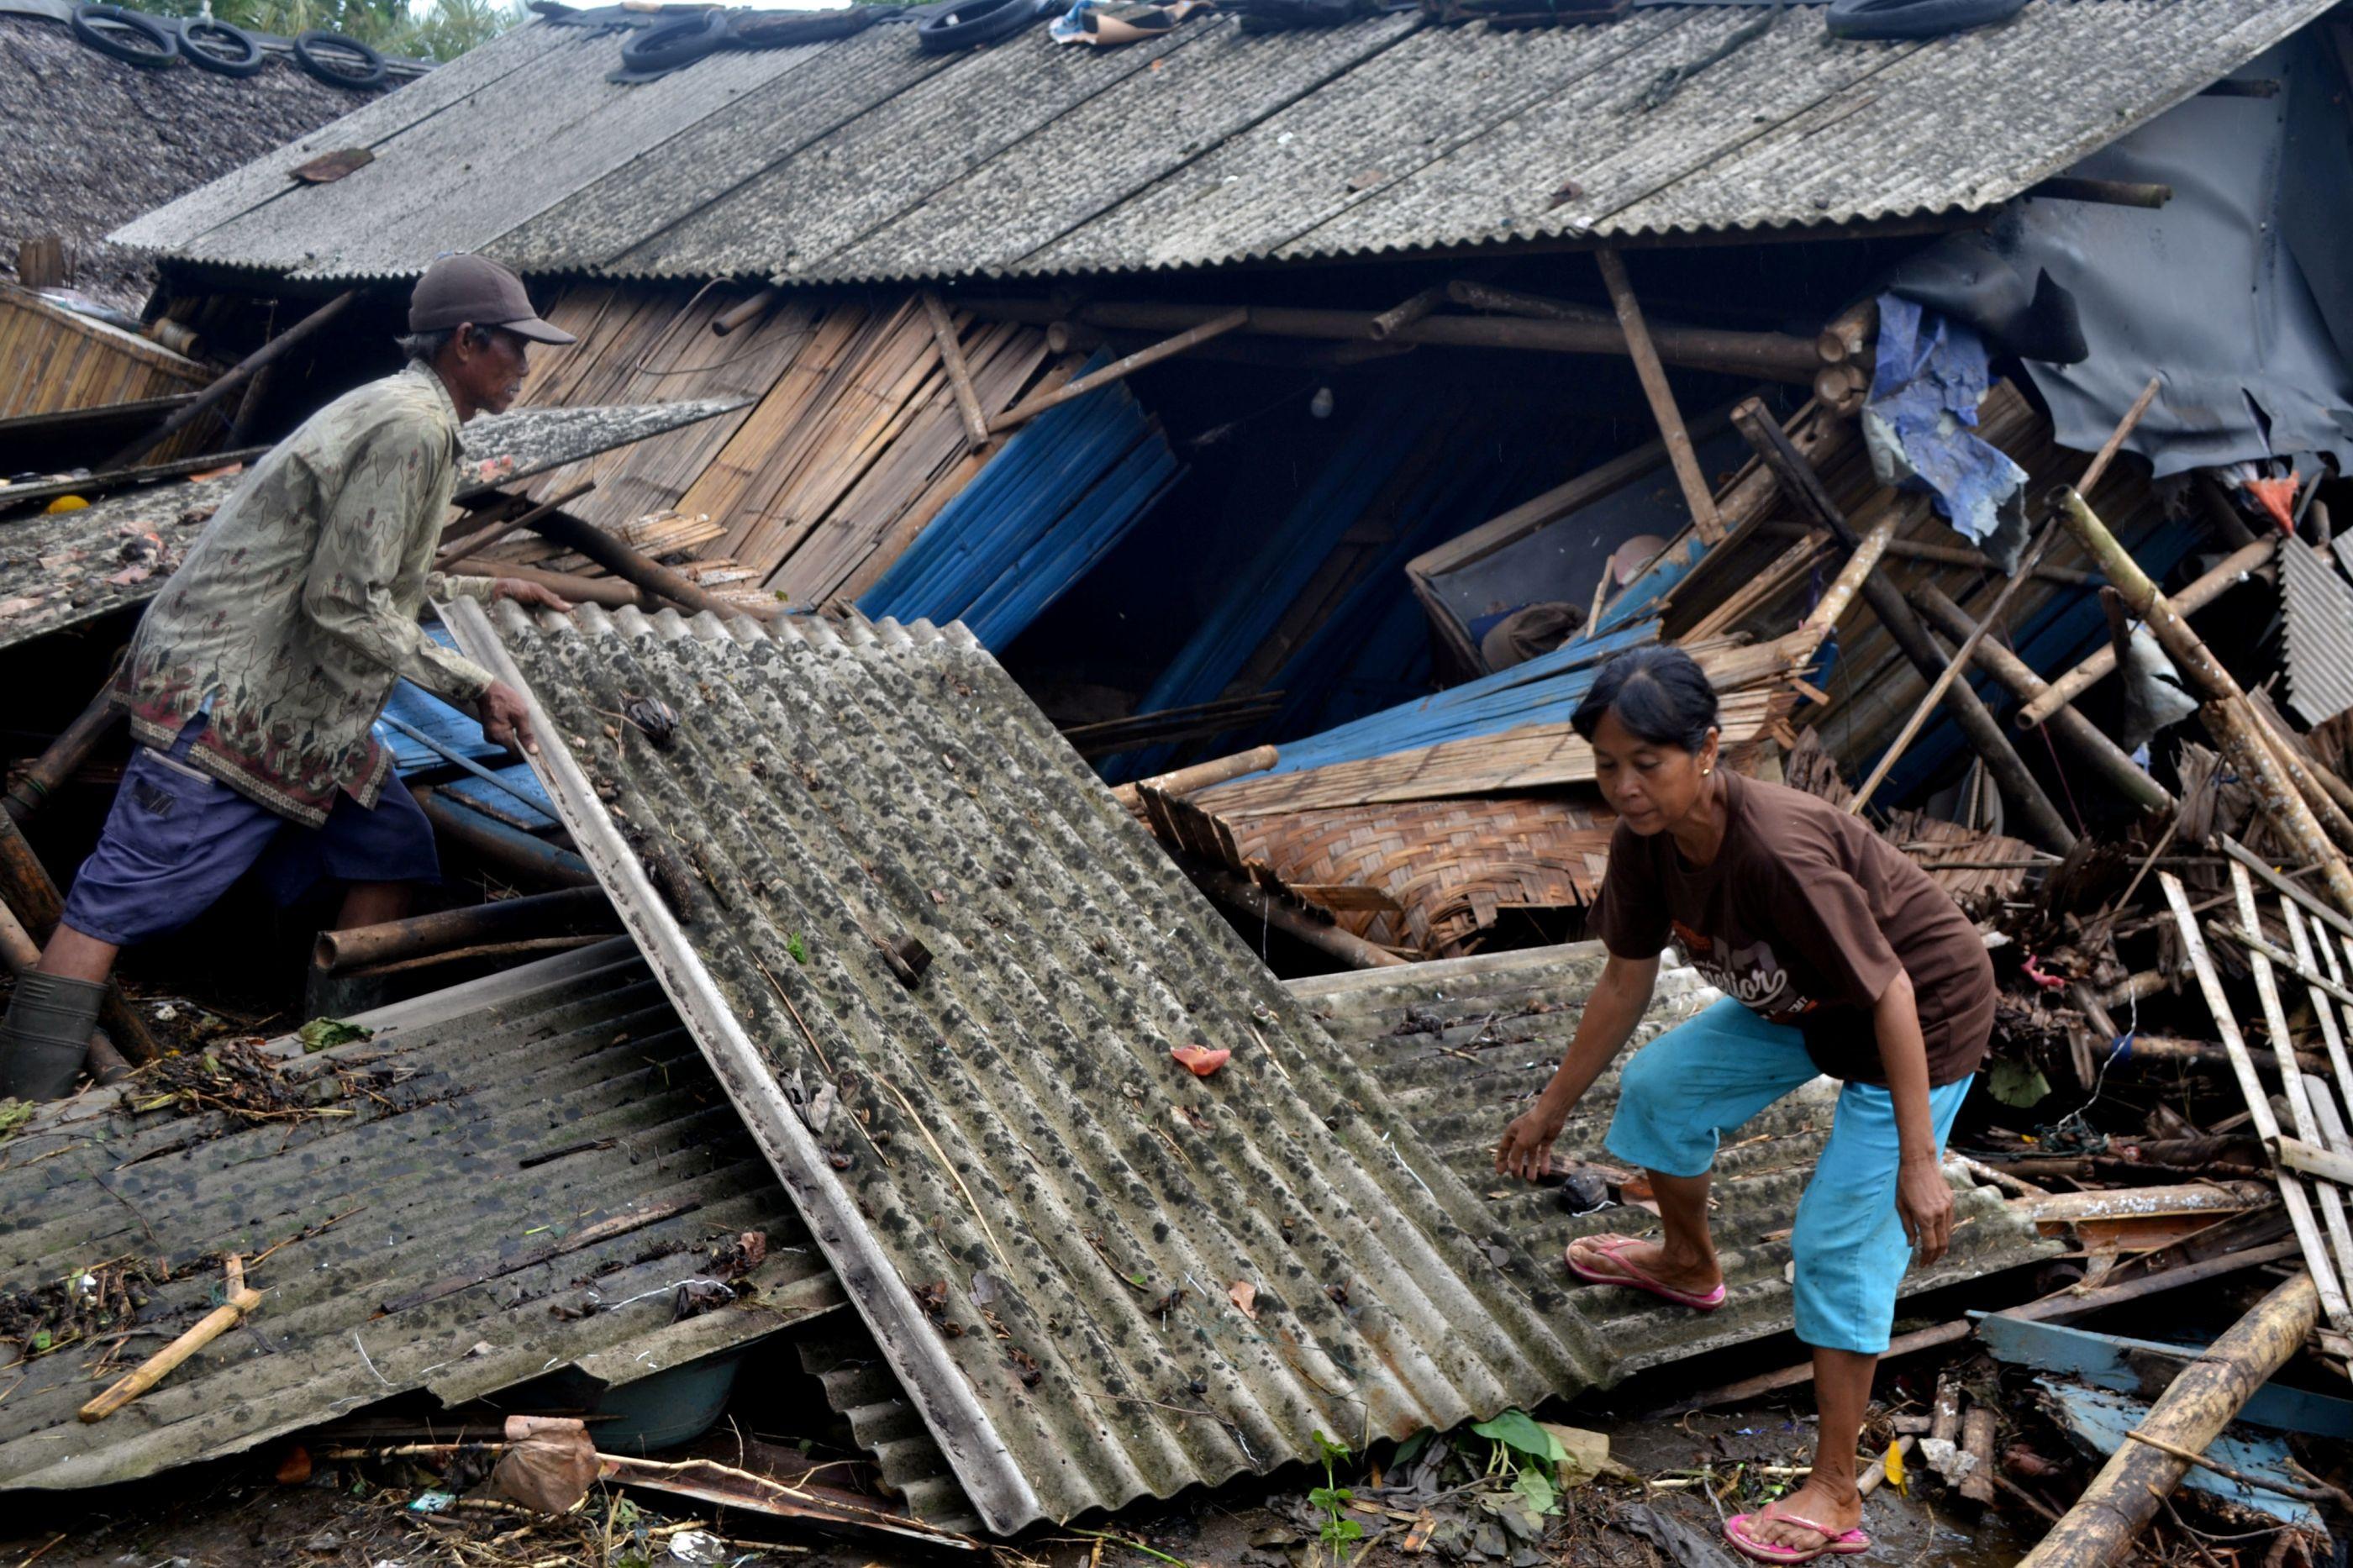 Número de mortos em tsunami sobe para 429. Há ainda 154 desaparecidos